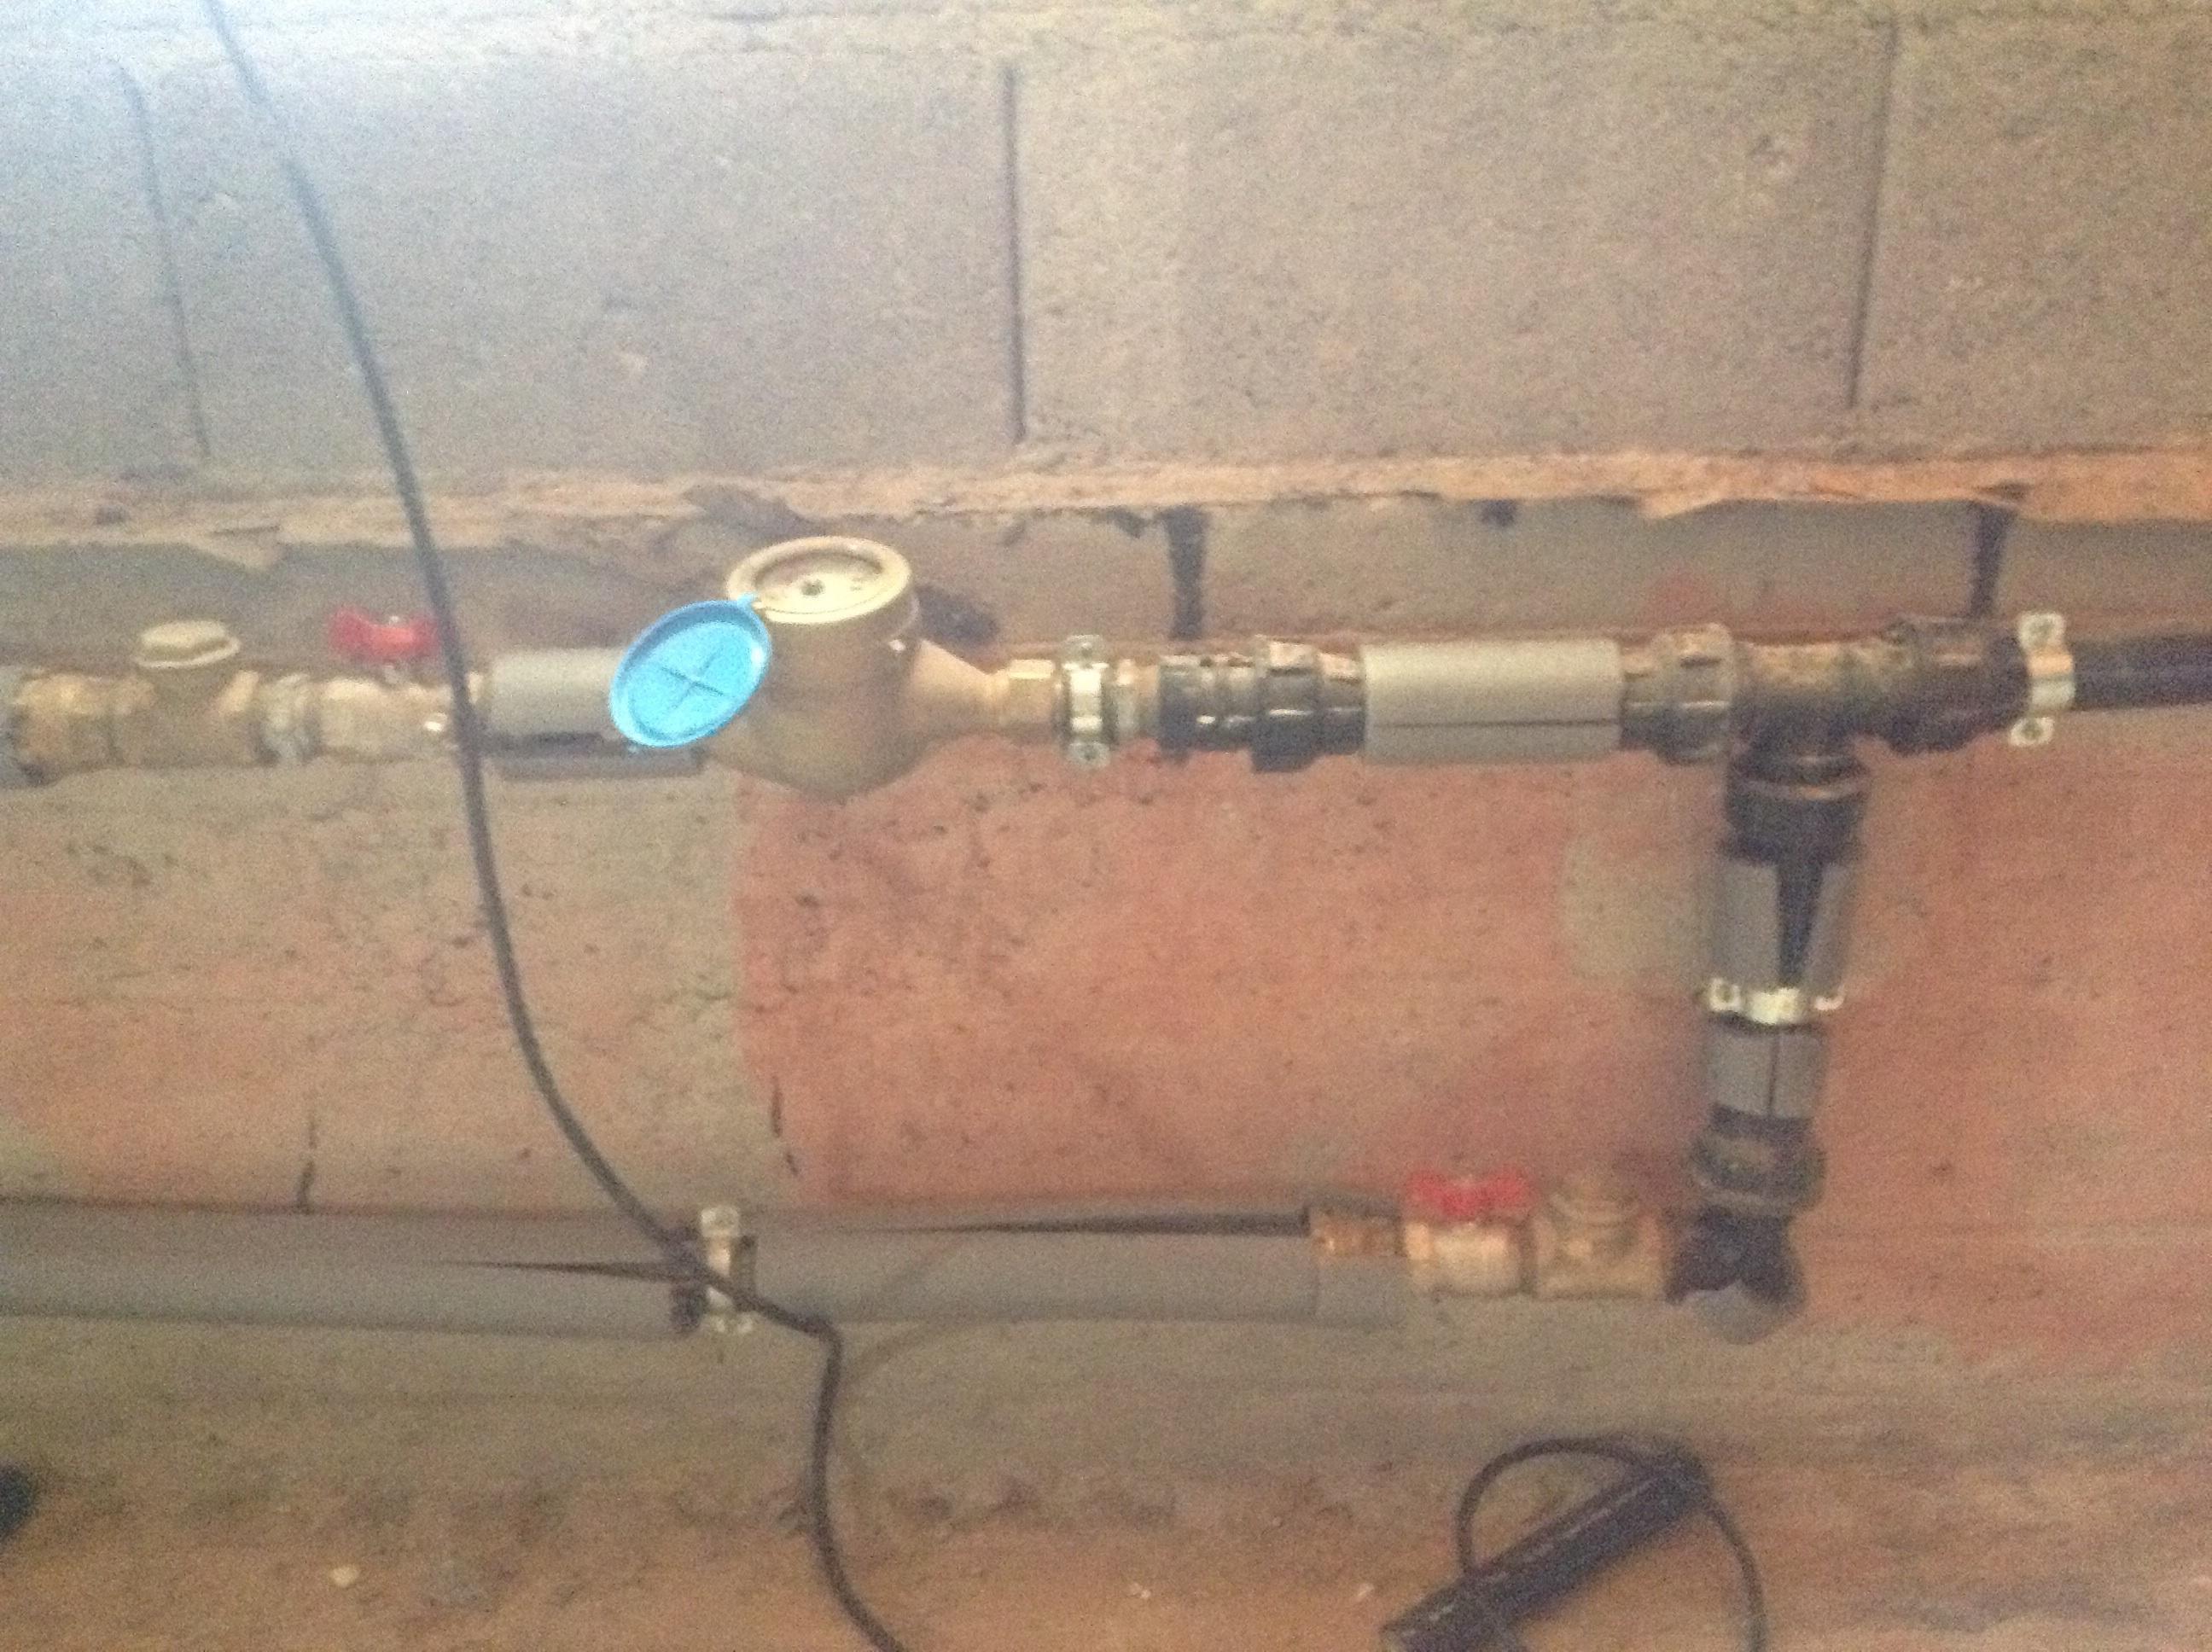 http://www.energialternativa.info/public/newforum/ForumEA/B/image_29.jpg